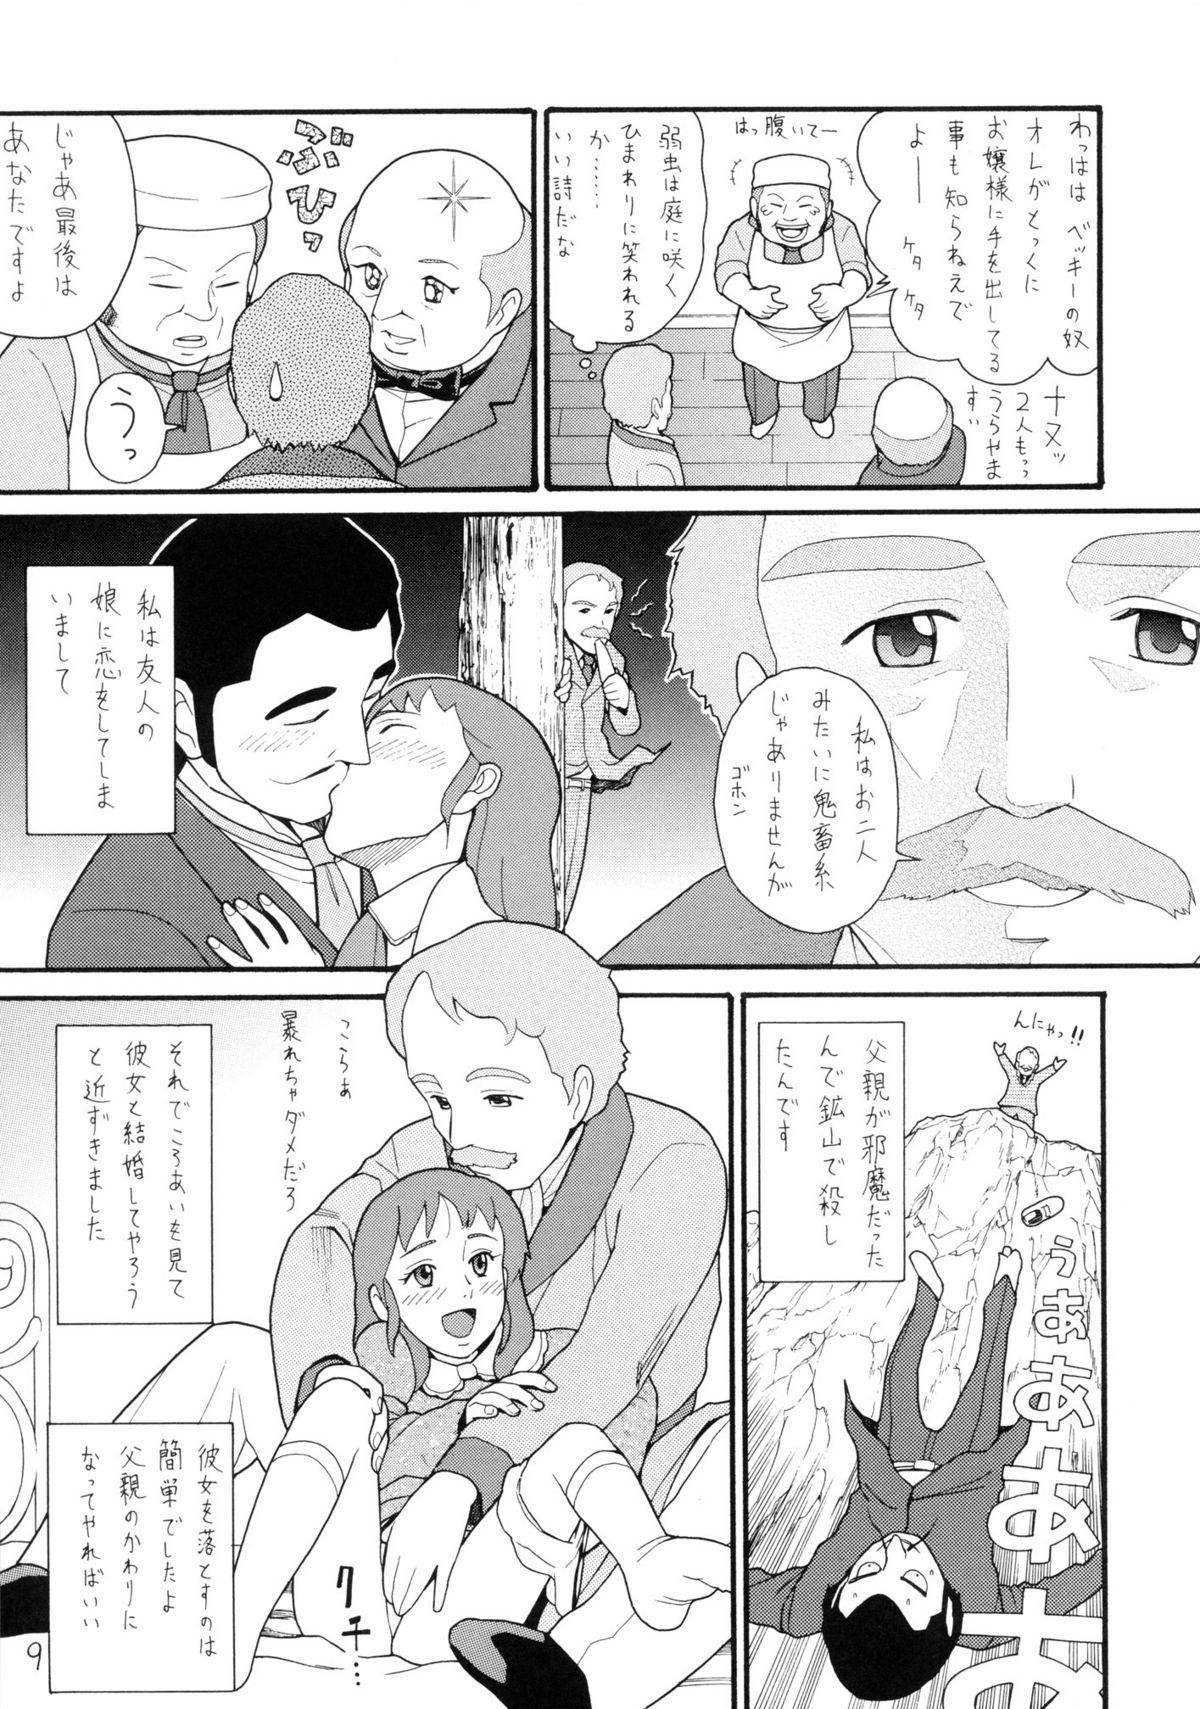 Hatch & Zukki no Sekai Meisaku Gekijou 5 8